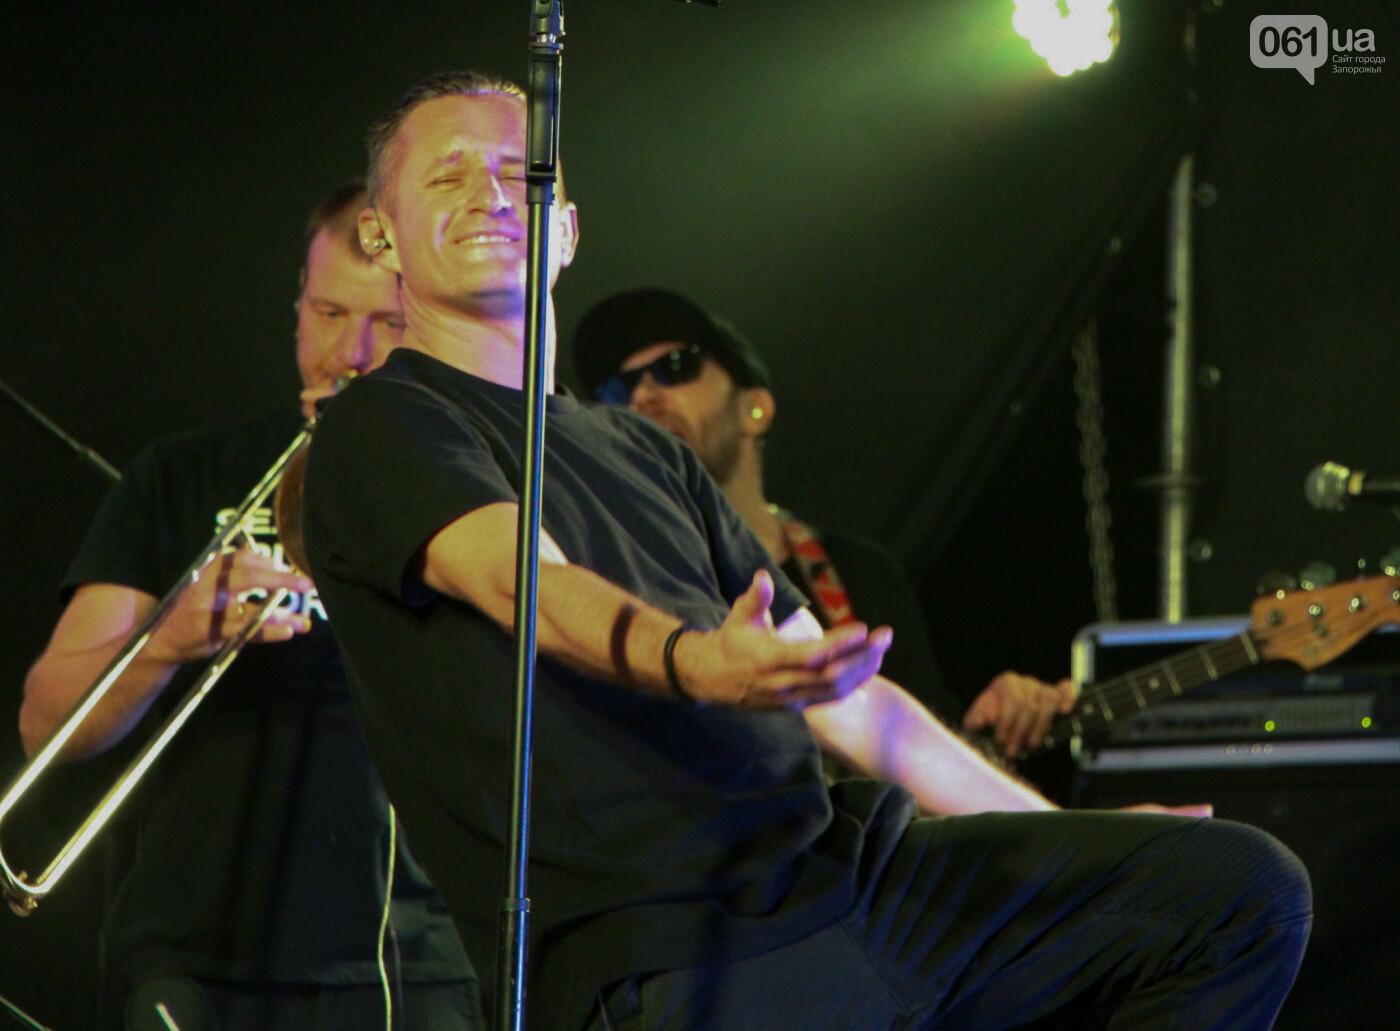 Концерт группы «Жадан і Собаки» собрал сотни запорожцев: как это было, - ФОТОРЕПОРТАЖ, фото-15